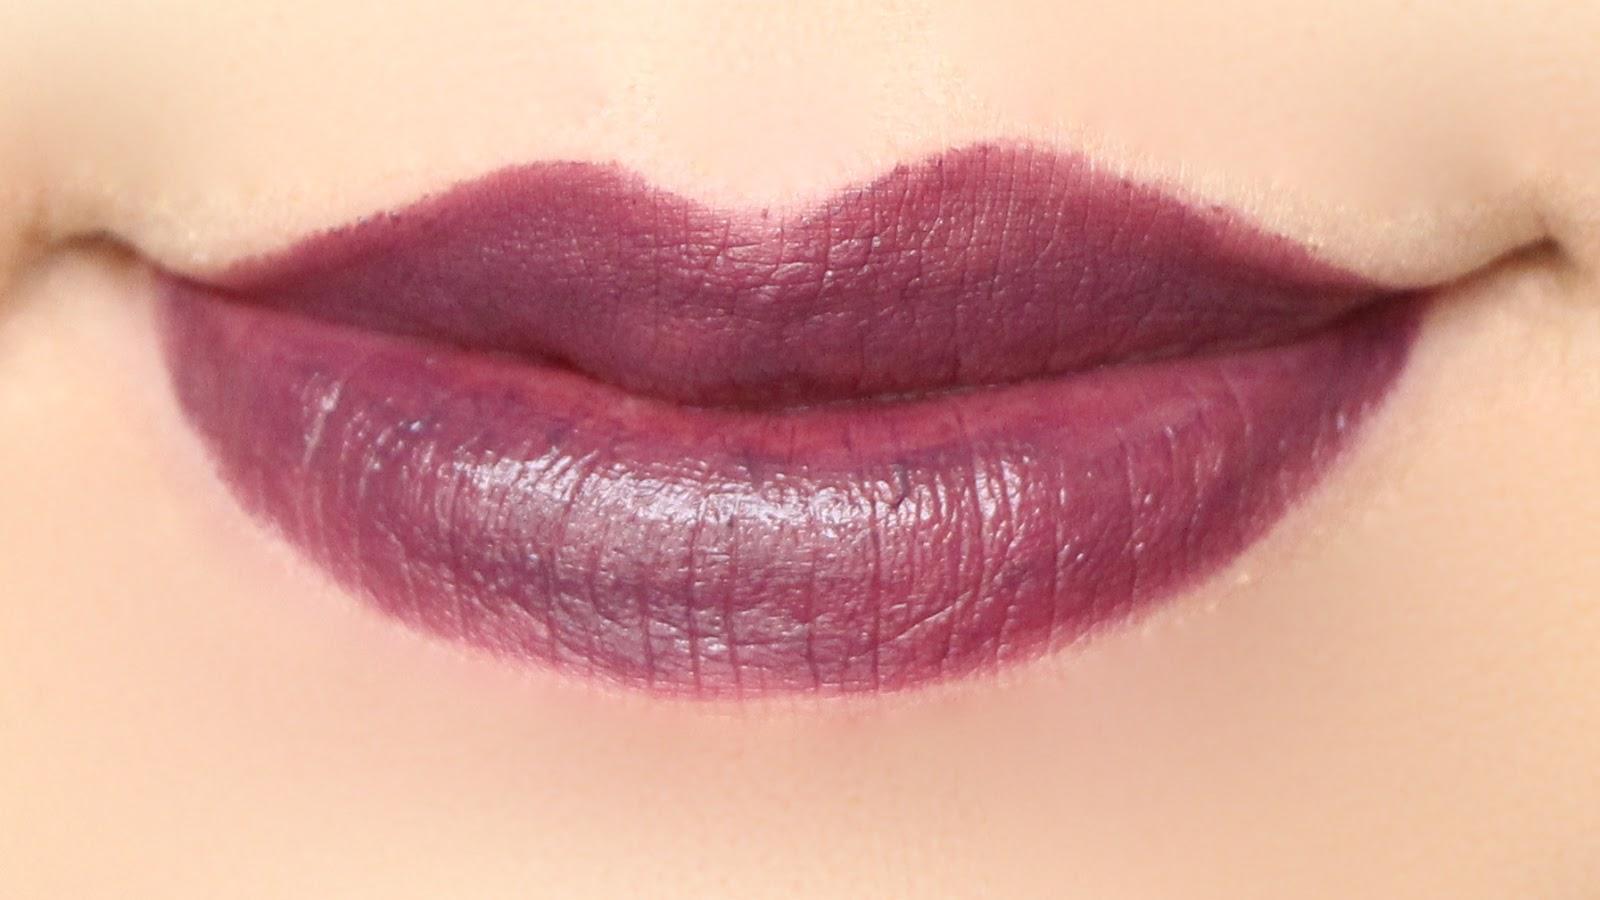 Revlon Super Lustrous Lipstick Swatches (Part 2 of 2